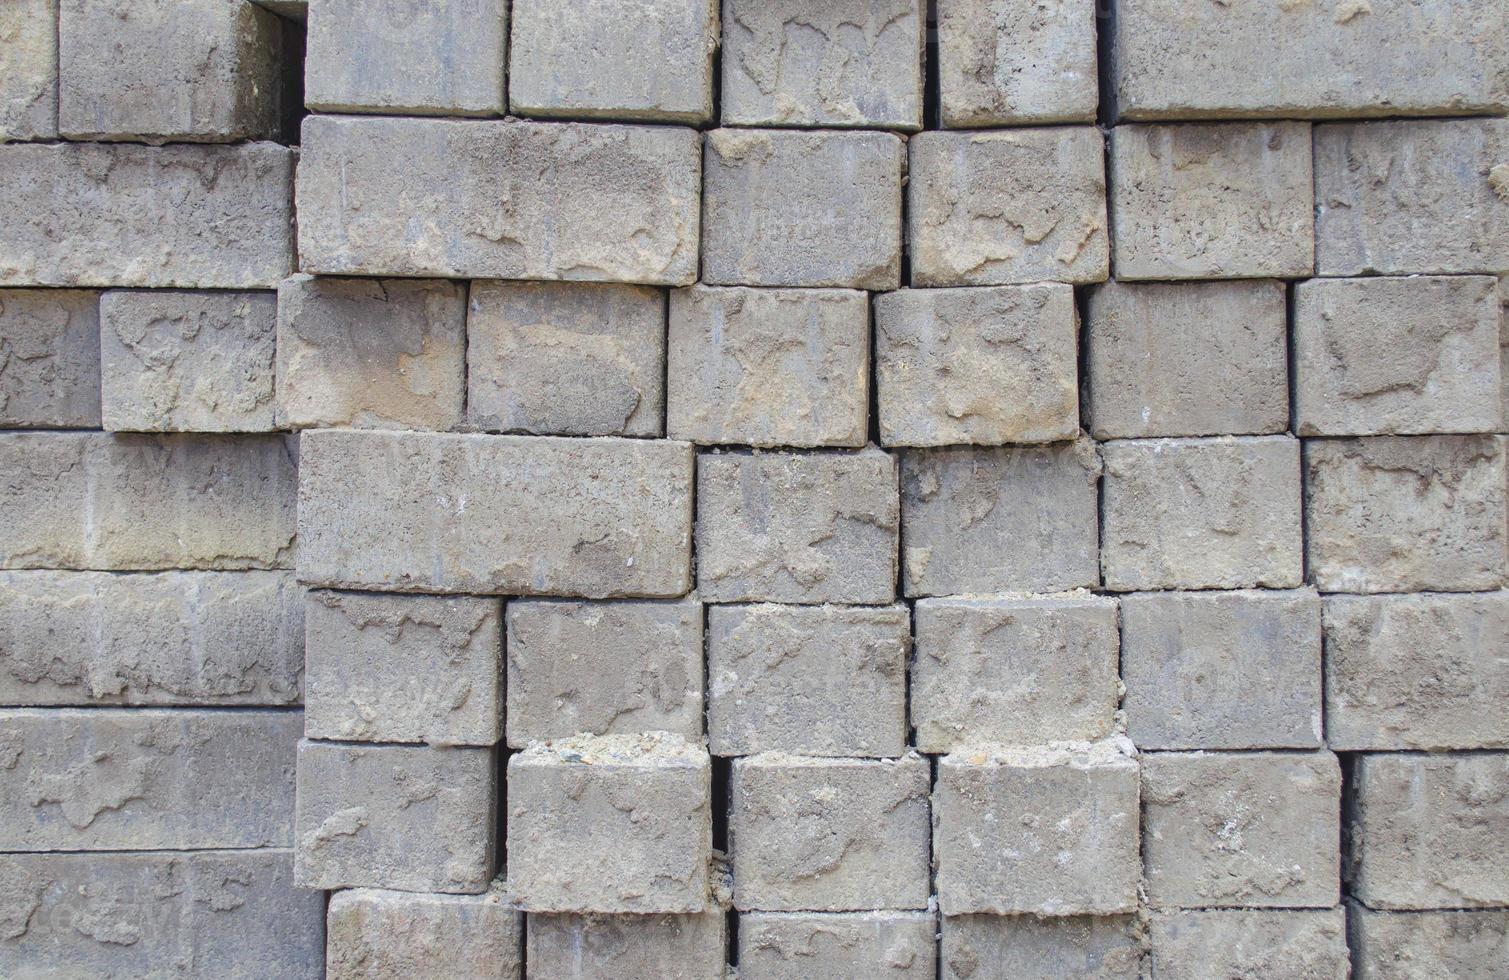 mattoni grigi accatastati in file foto